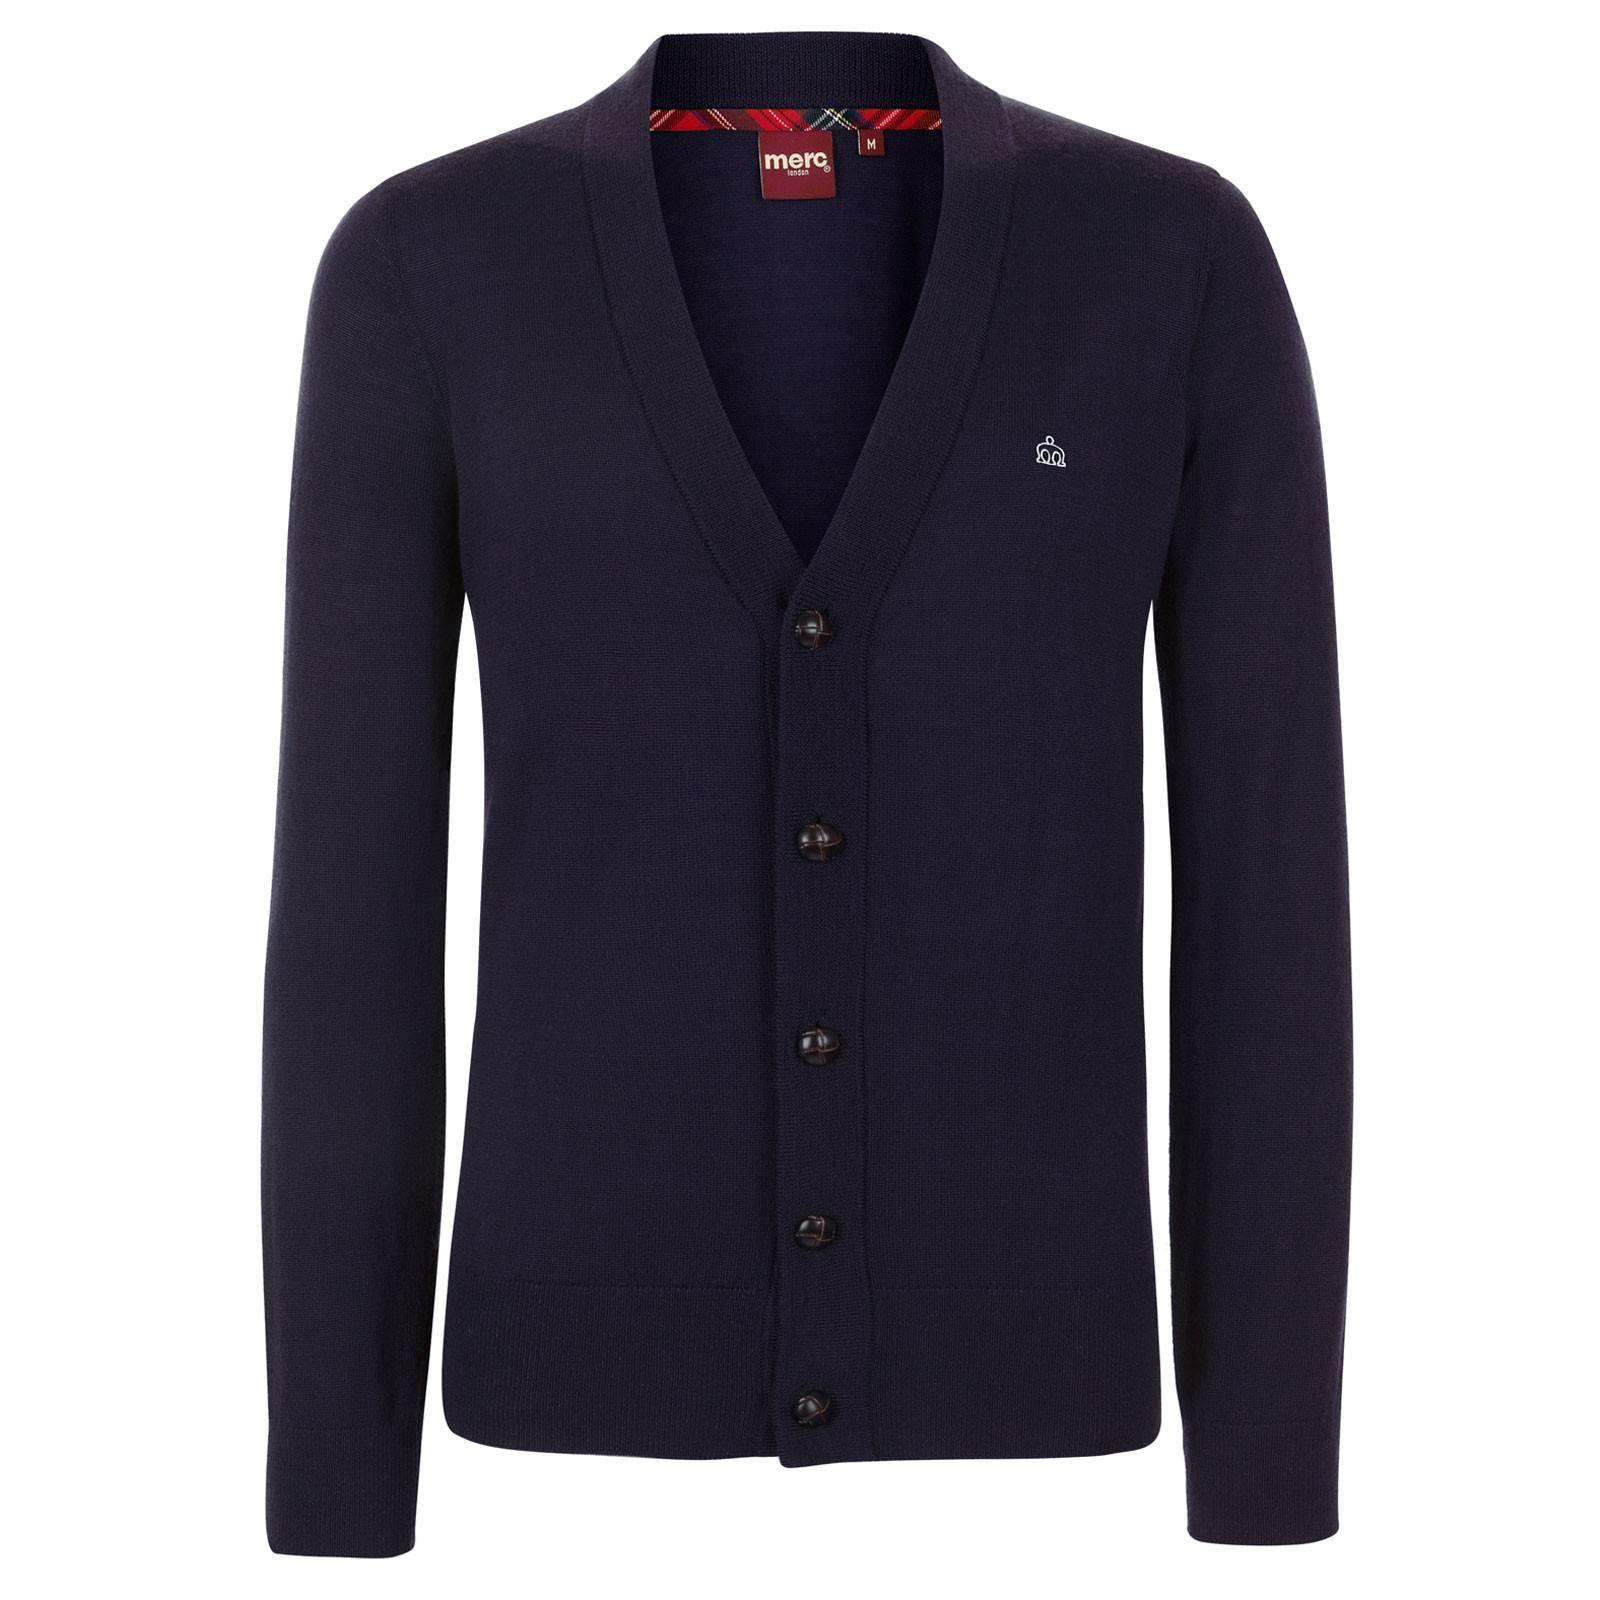 Кардиган HarrisCORE<br>Классический, на кожаных пуговицах, истинно английский кардиган из мягкой, но прочной высококачественной шерстяной пряжи - незаменимая вещь в гардеробе для создания красивых комплектов с рубашками или поло. &amp;lt;br /&amp;gt;<br>&amp;lt;br /&amp;gt;<br>Манжеты, воротник и низ изделия выполнены трикотажной резинкой, обеспечивающей посадку по фигуре.&amp;lt;br /&amp;gt;<br>&amp;lt;br /&amp;gt;<br>Благородная простота этого кардигана привлекает строгой и законченной формой, являясь каноническим образцом исконного стиля Merc.&amp;lt;br /&amp;gt;<br>&amp;lt;br /&amp;gt;<br>Принадлежит к базовой всесезонной линии CORE.<br><br>Артикул: 1606202<br>Материал: 100% шерсть<br>Цвет: синий<br>Пол: Мужской